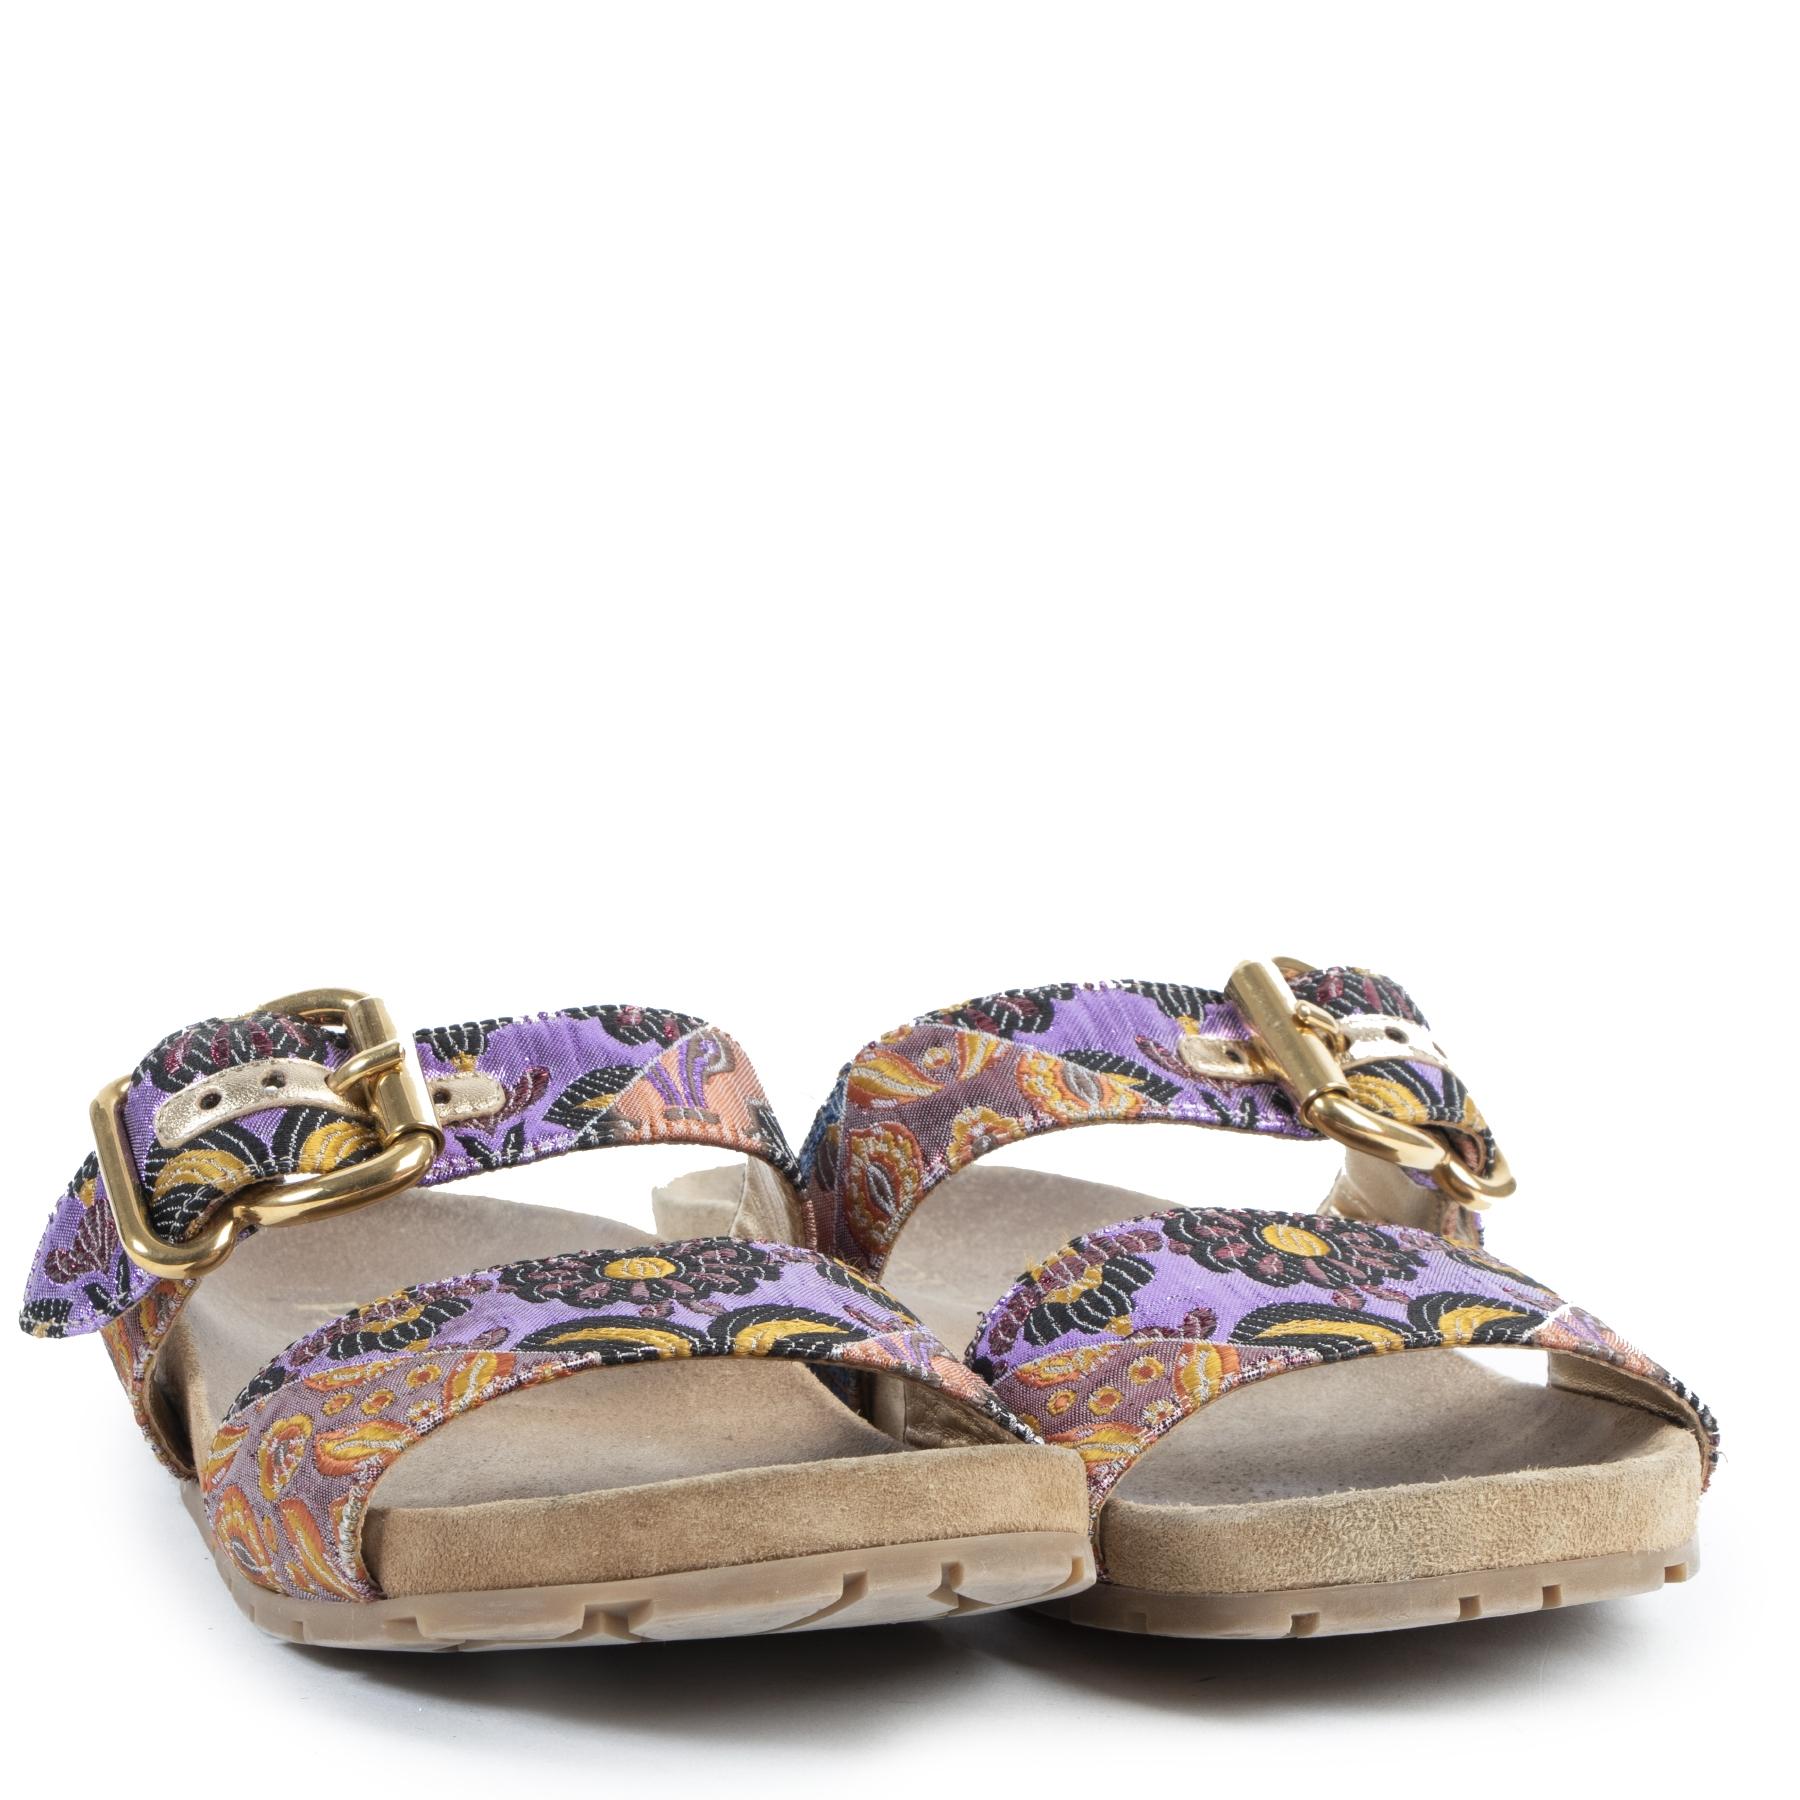 Authentieke Tweedehands Prada Purple Floral Embroidered Sandals - Size 38,5  juiste prijs veilig online shoppen luxe merken webshop winkelen Antwerpen België mode fashion